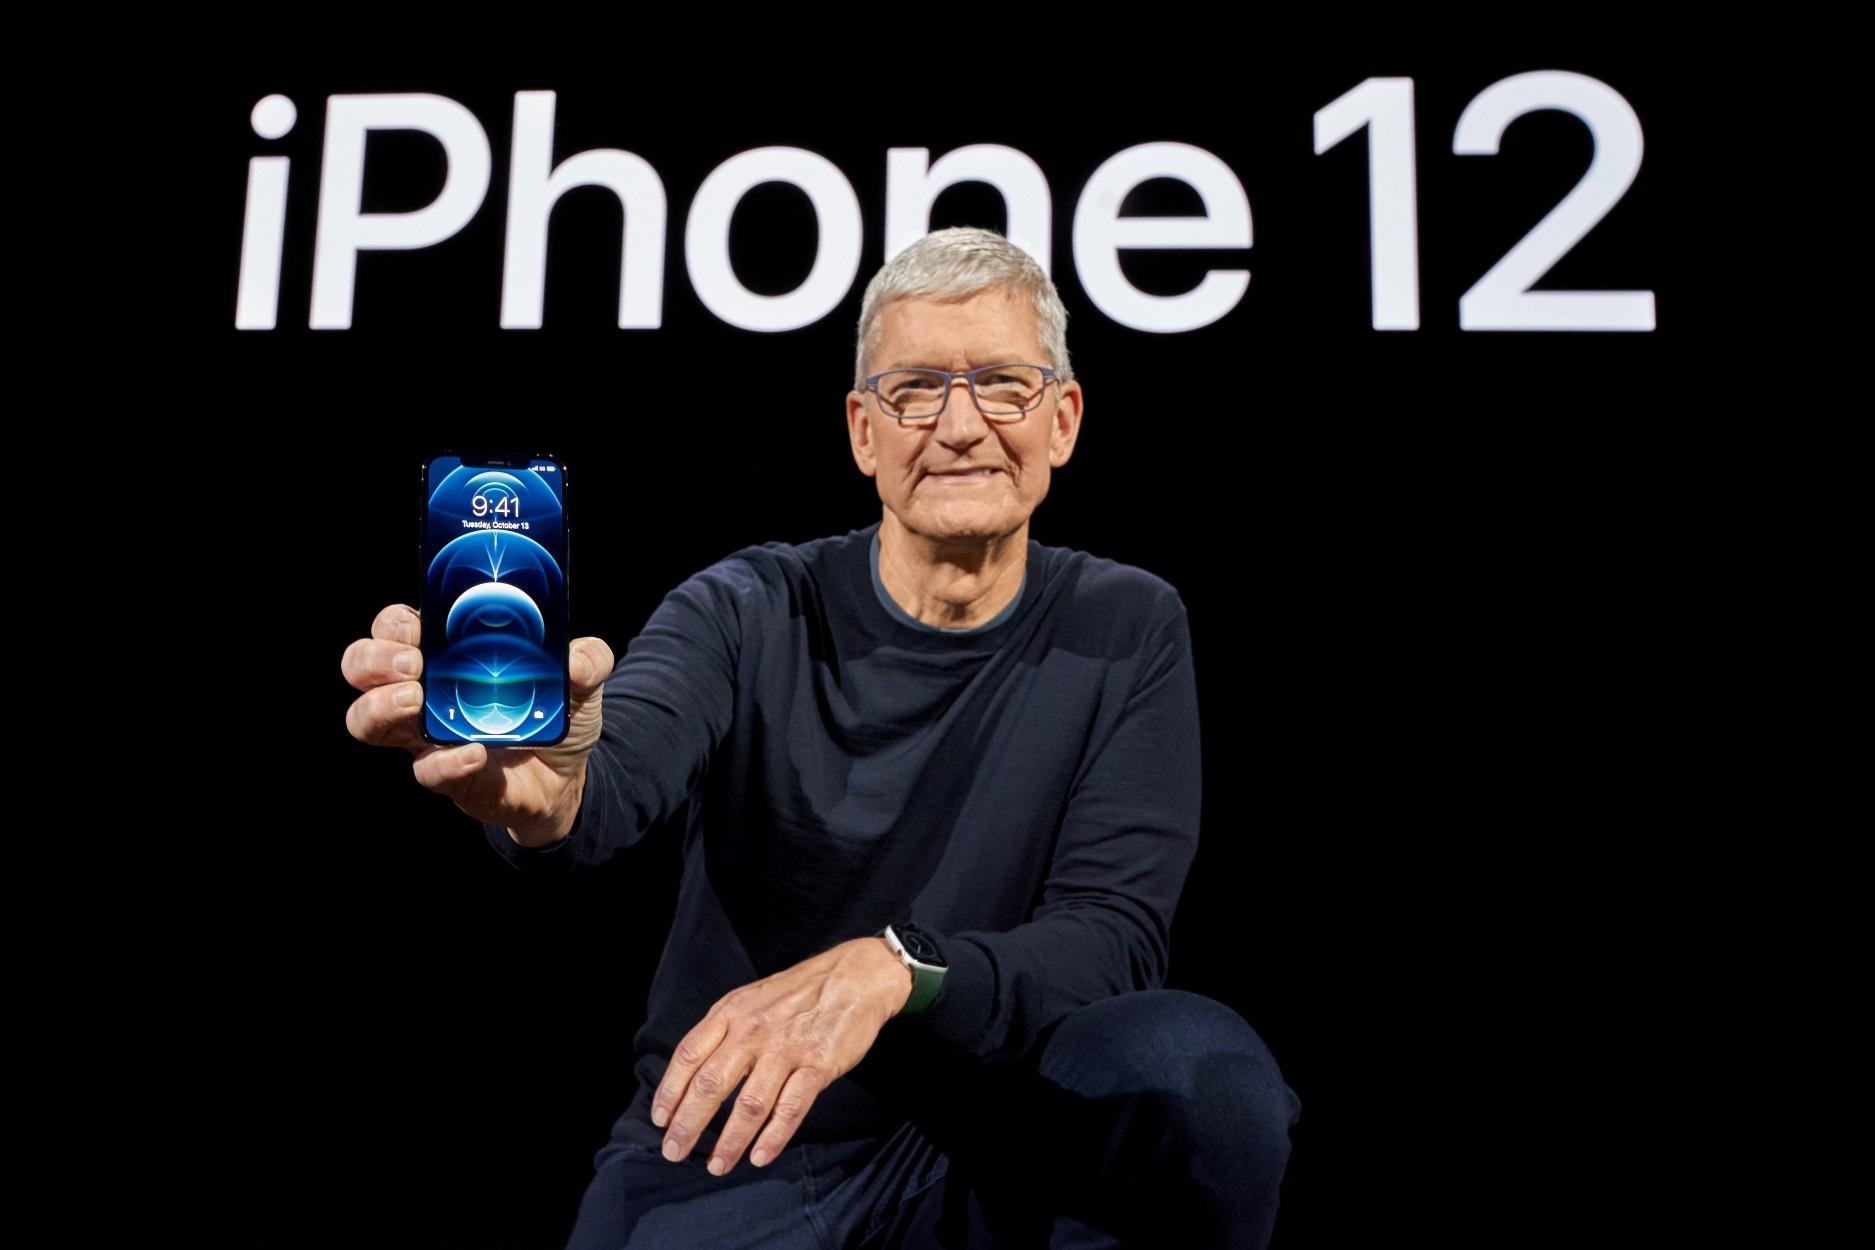 Αυτό είναι το iPhone 12 που μας  πηγαίνει στην εποχή του 5G (pics, video)